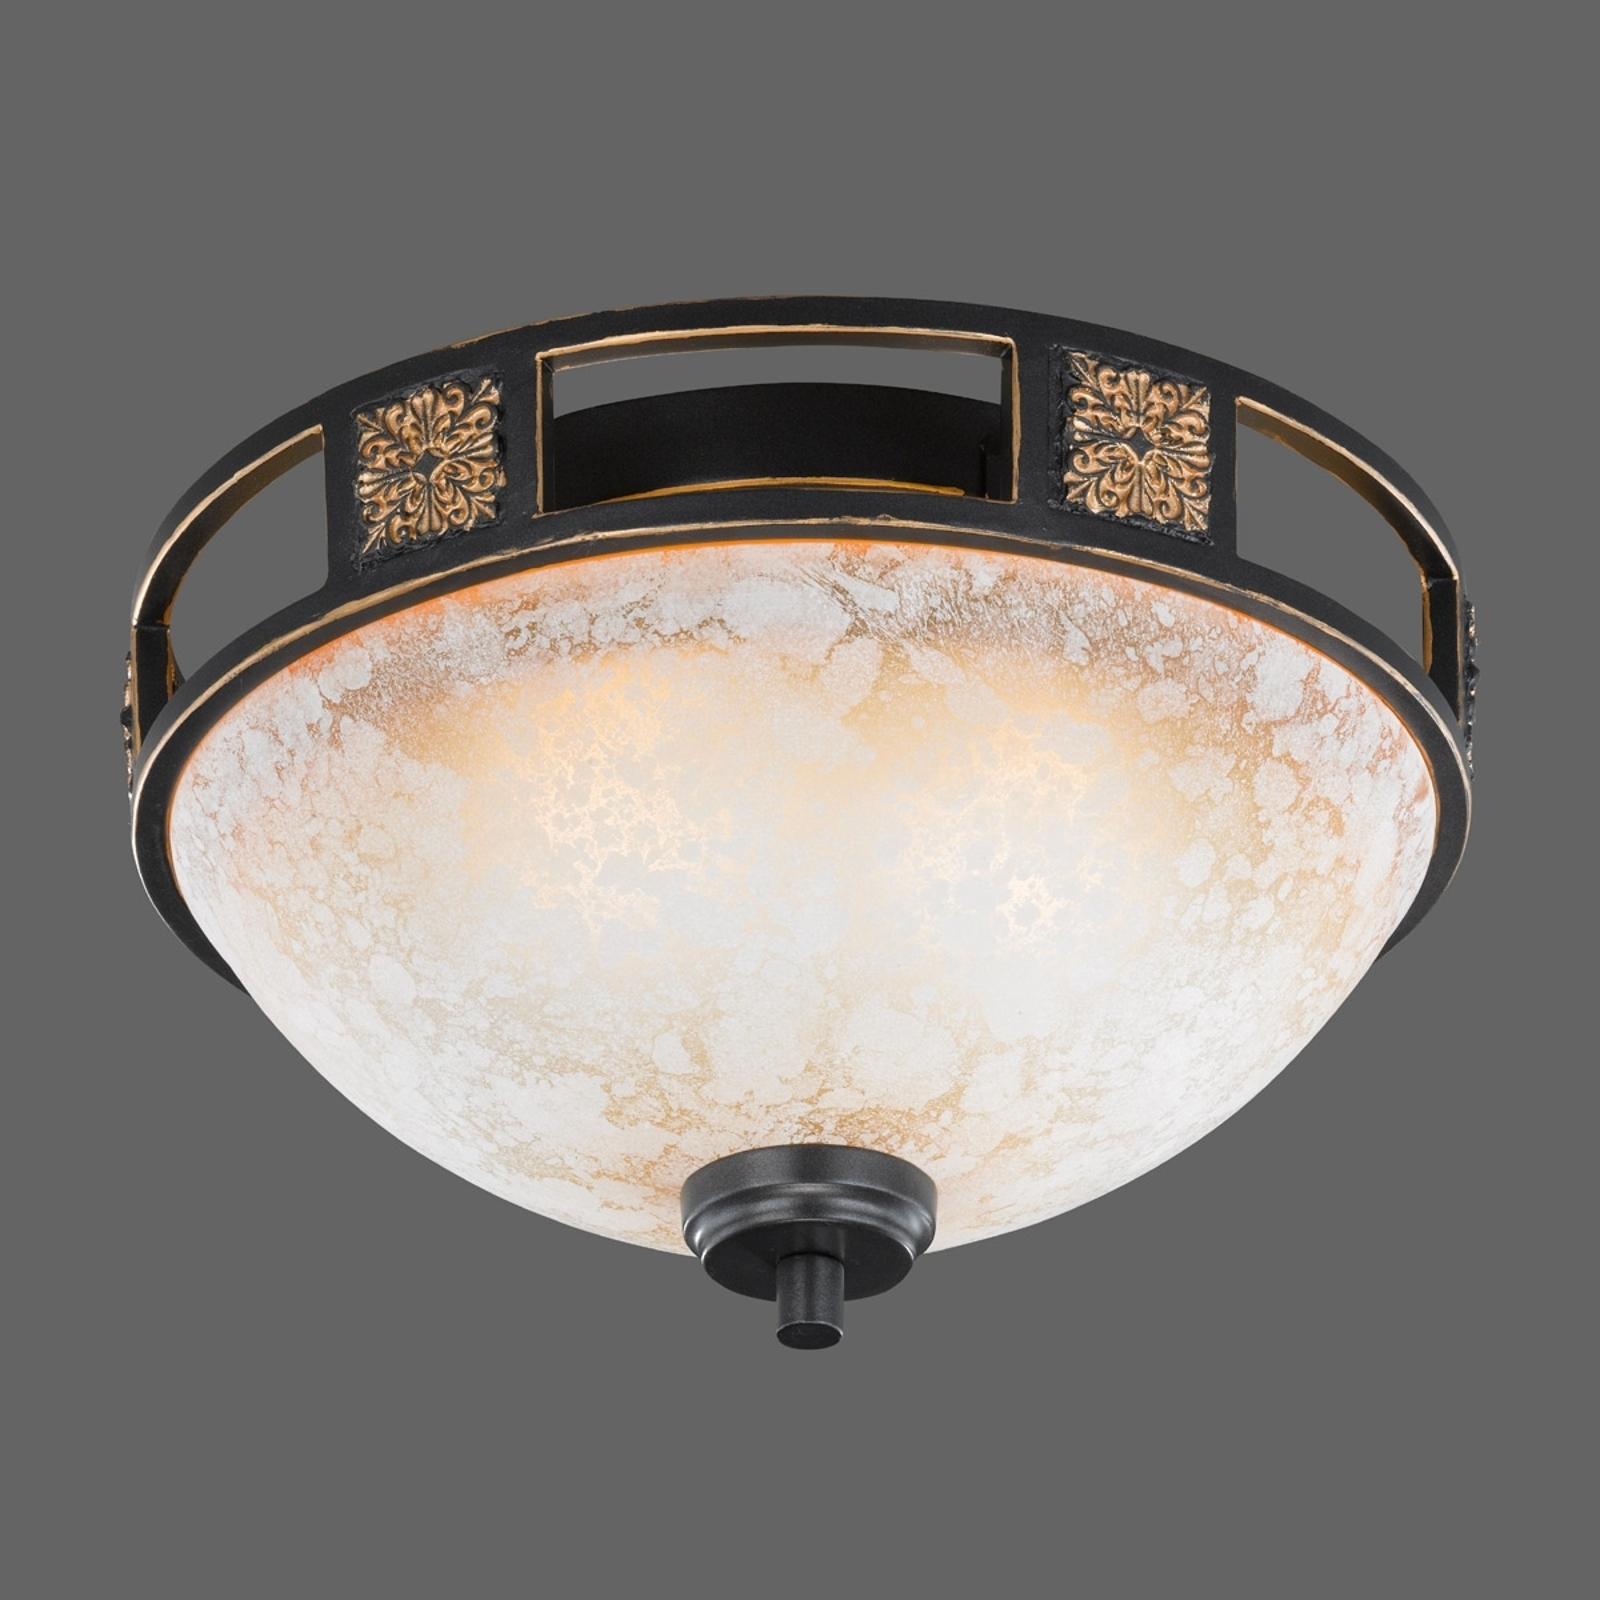 Caecilia lampa sufitowa o antycznej formie 33 cm